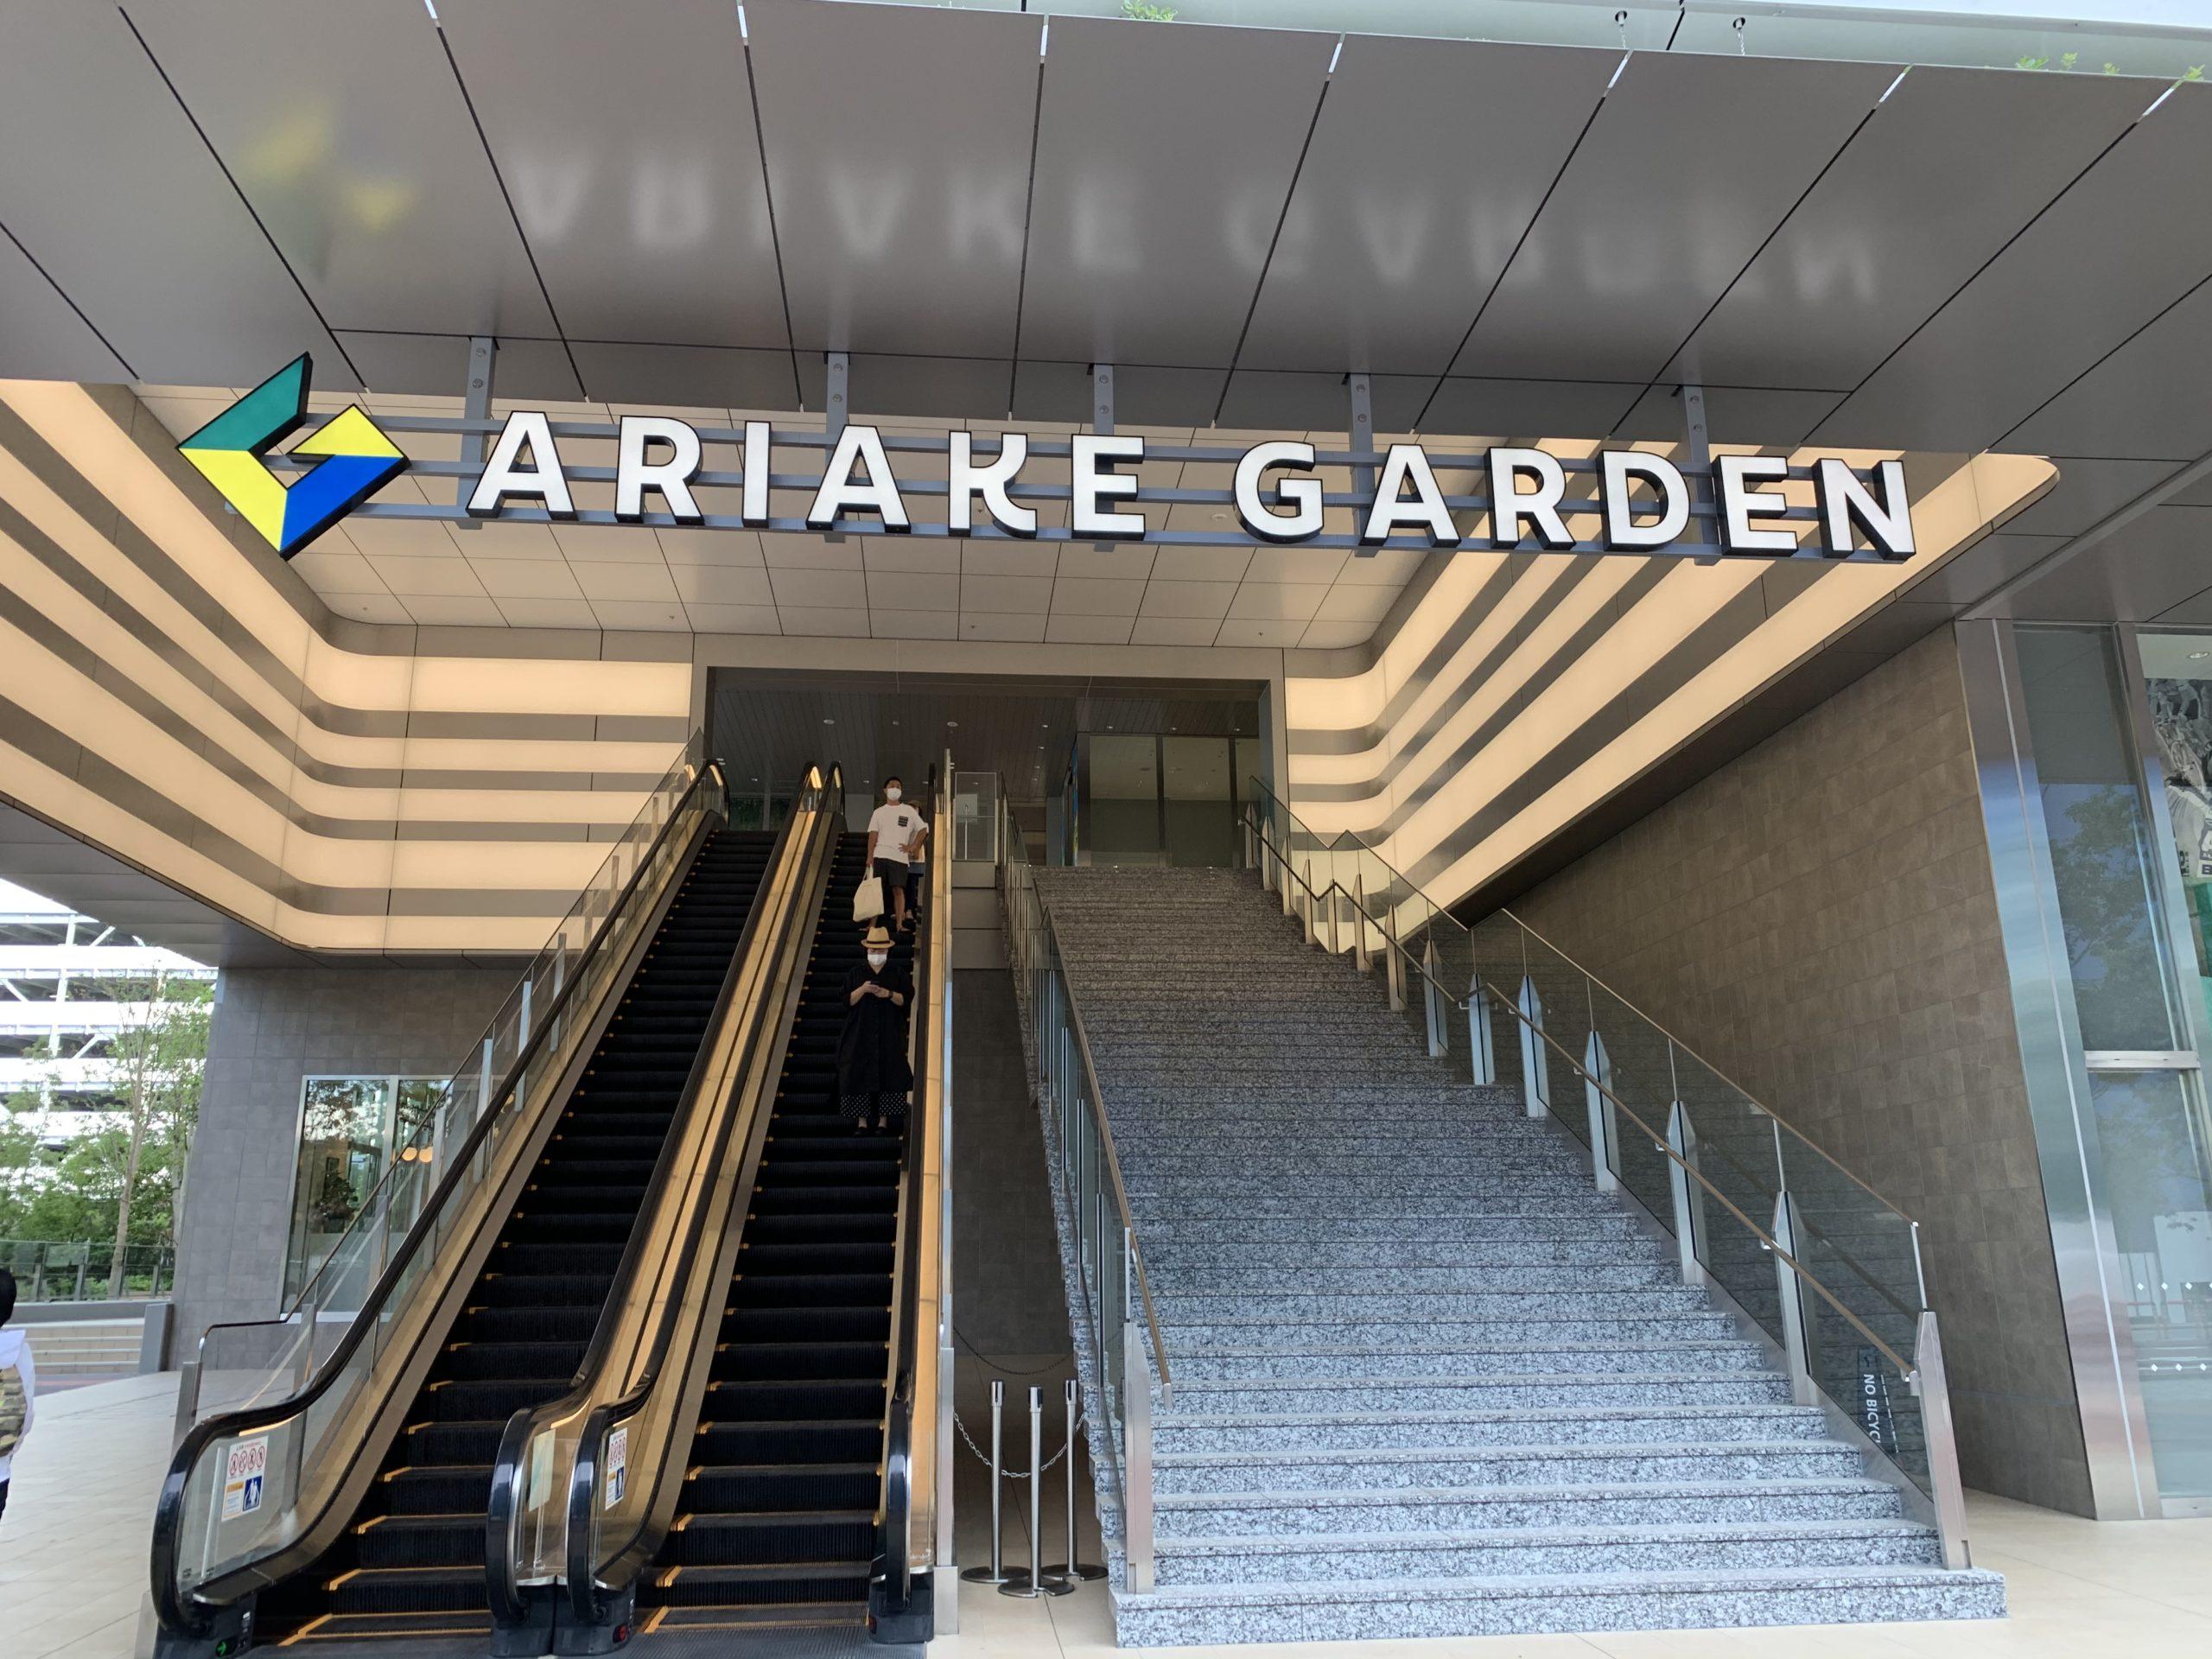 超大型!! 複合商業施設「ARIAKE GARDEN」遂にオープンしたので、行ってみました。